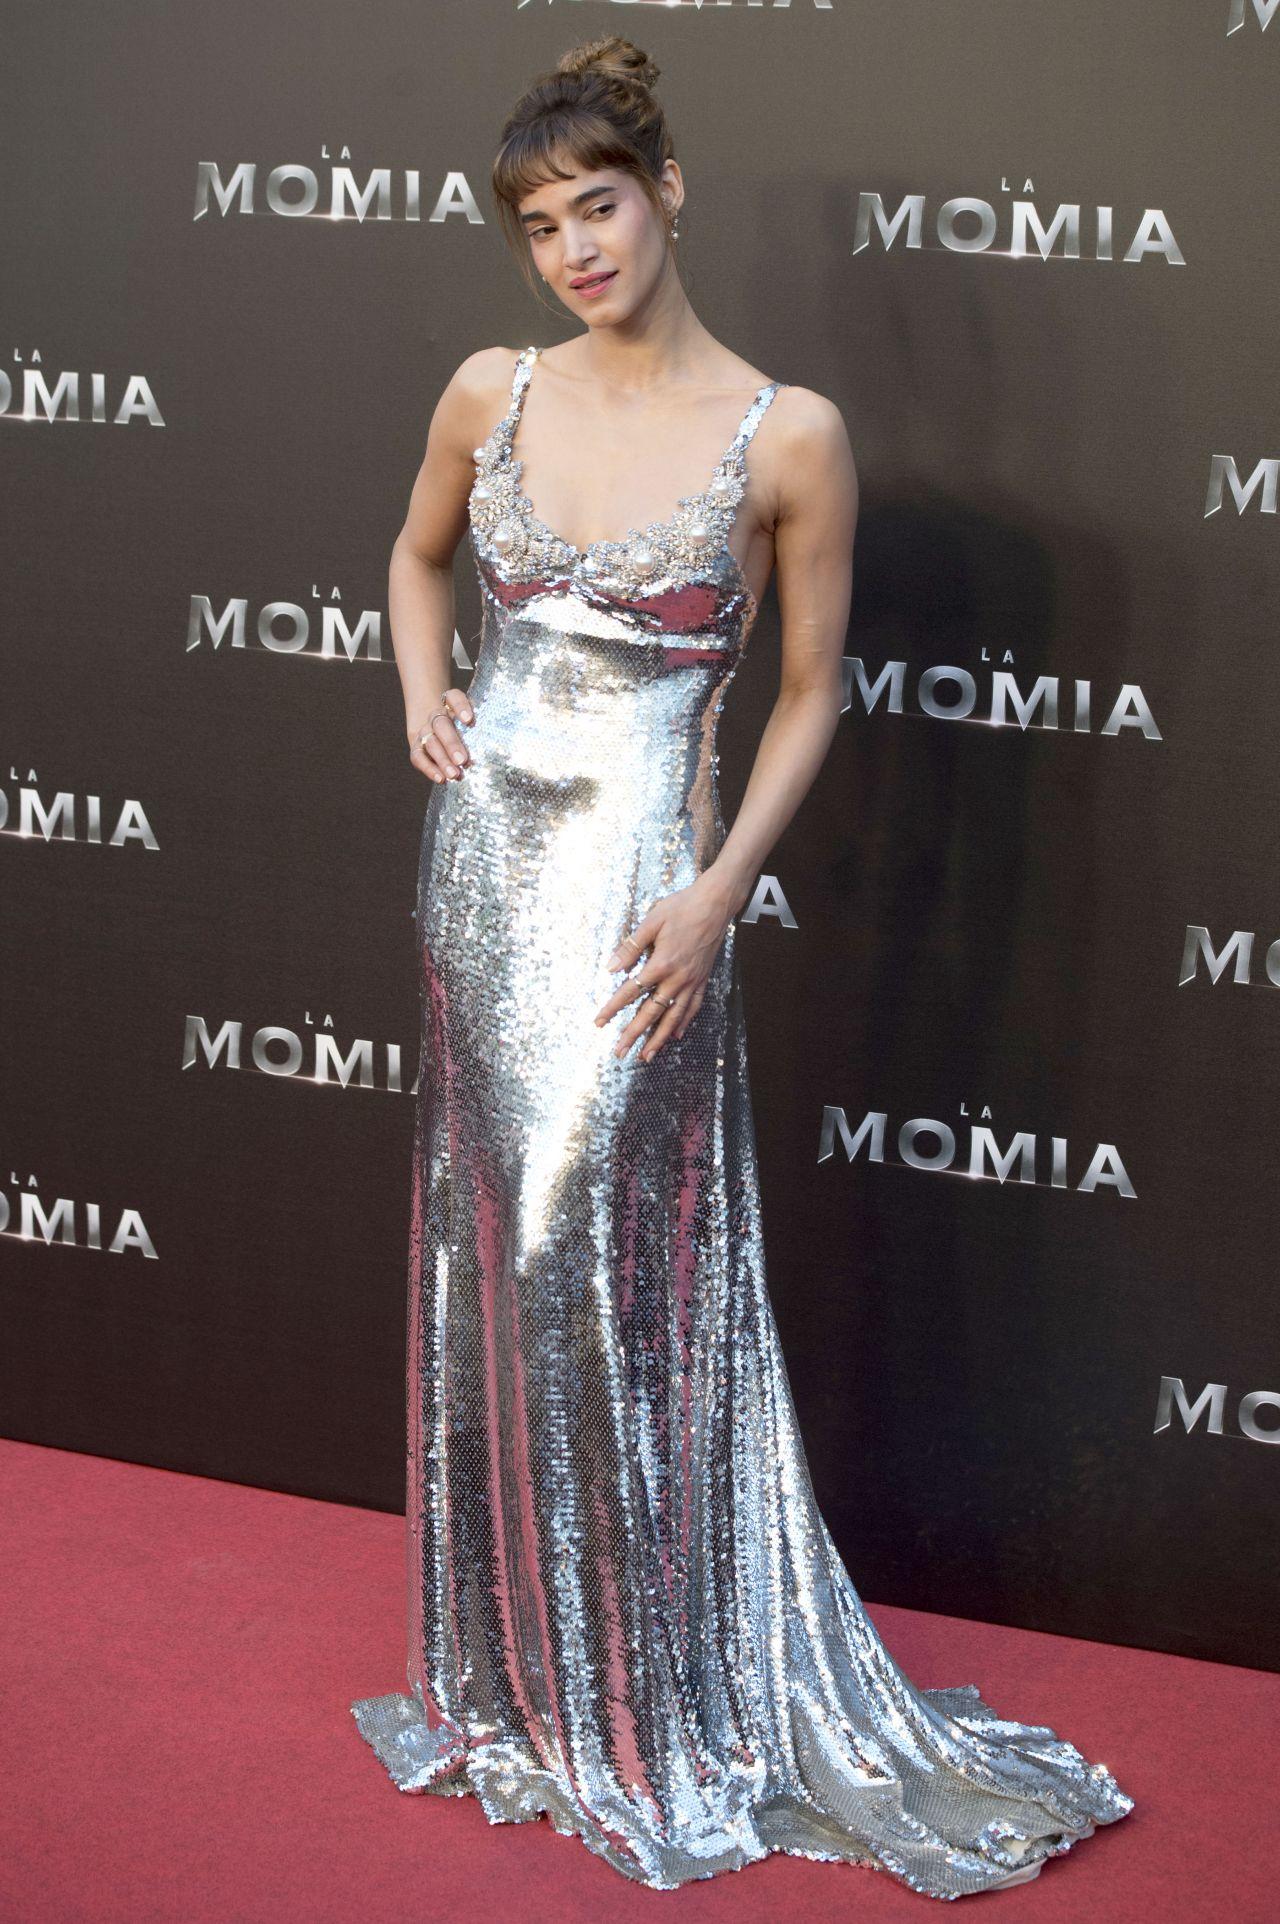 http://celebmafia.com/wp-content/uploads/2017/05/sofia-boutella-the-mummy-premiere-in-madrid-05-29-2017-16.jpg